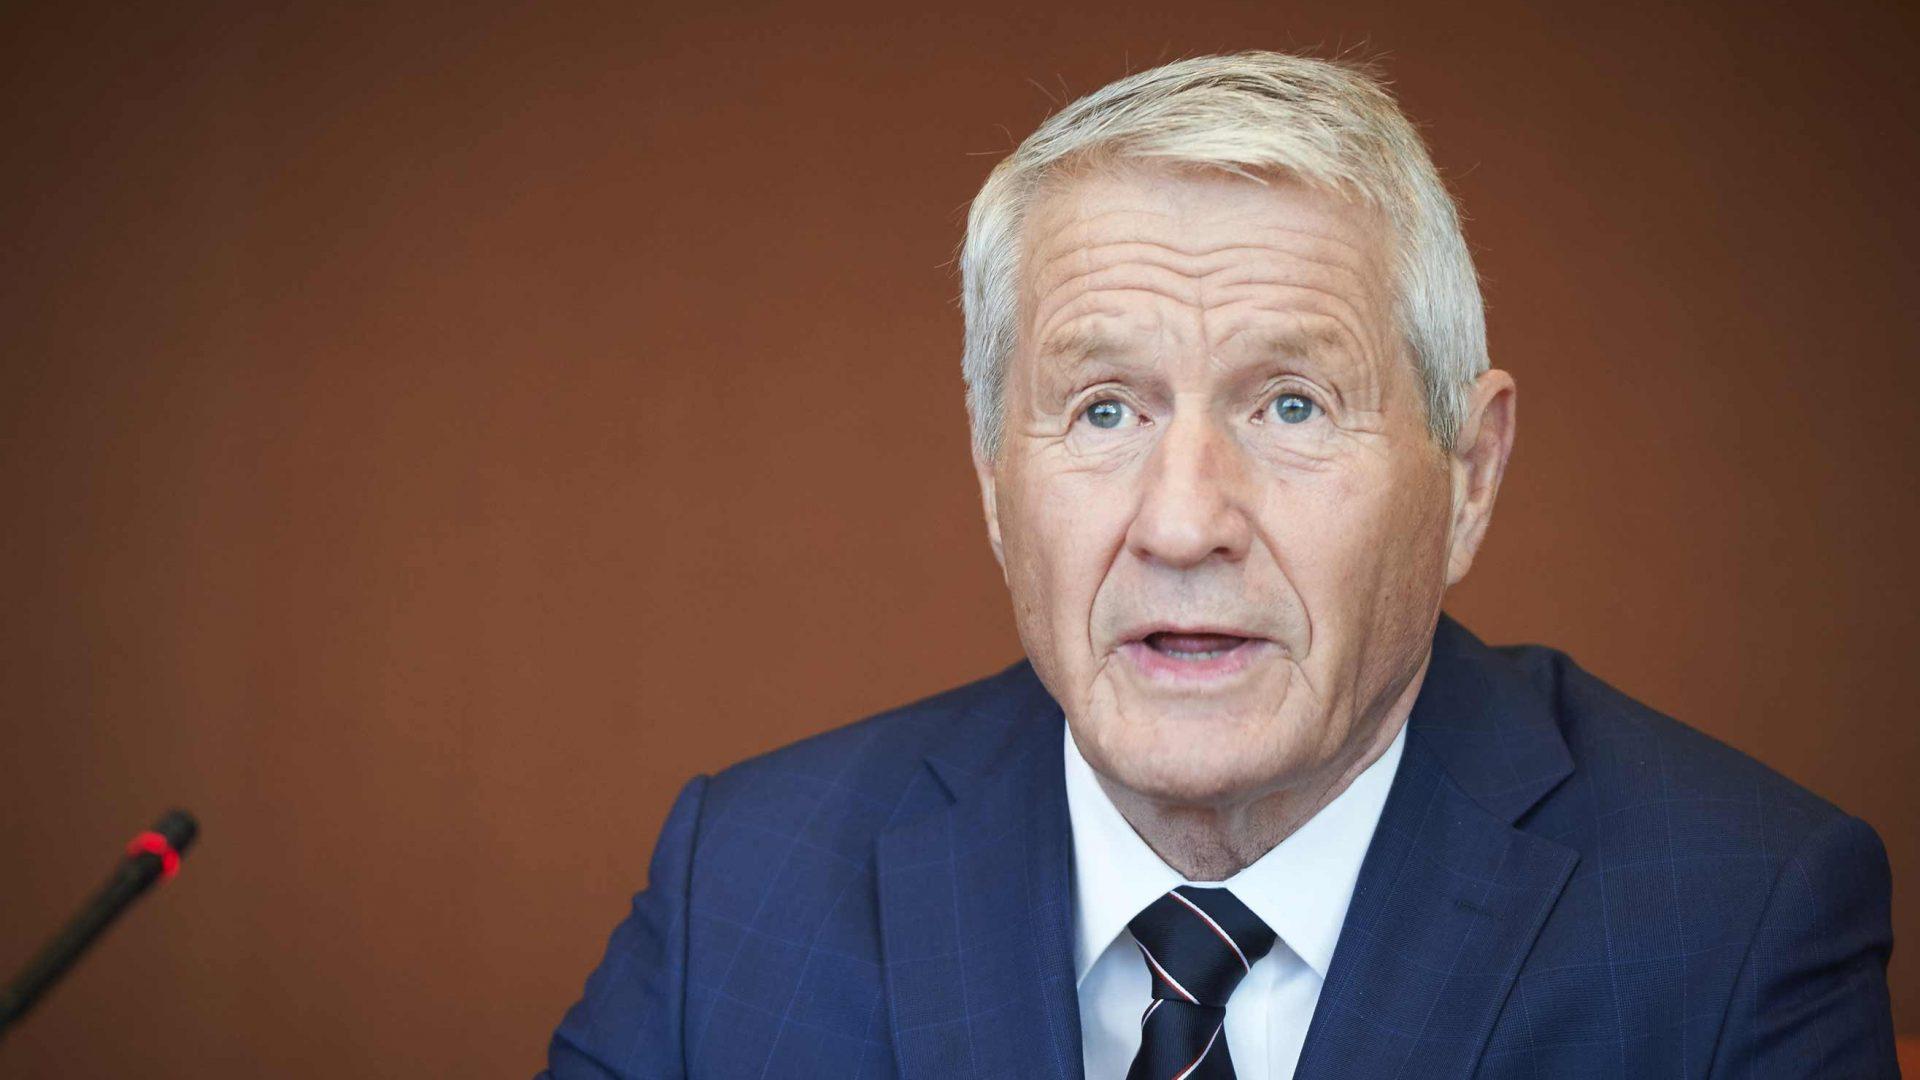 Thorbjörn Jagland, Generalsekretär des Europarats, forderte alle europäischen Länder aus, ihre Anstrengungen für mehr Geschlechtergerechtigkeit auszubauen. © Council of Europe